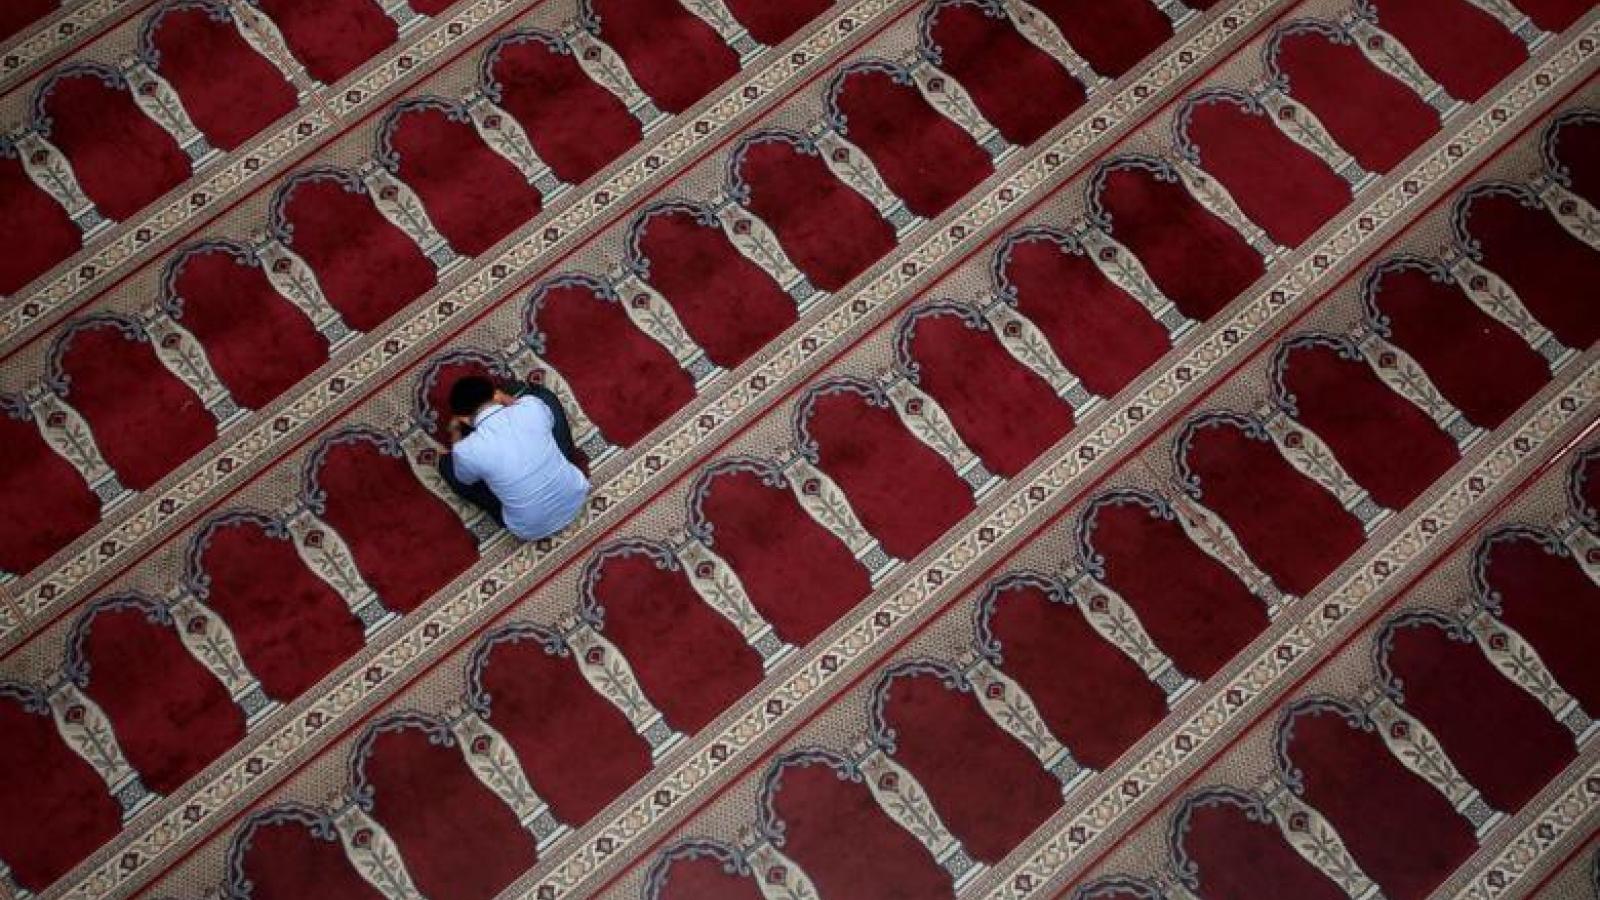 Saudi Arabia điều chỉnh địa điểm cầu nguyện trong tháng Ramadan